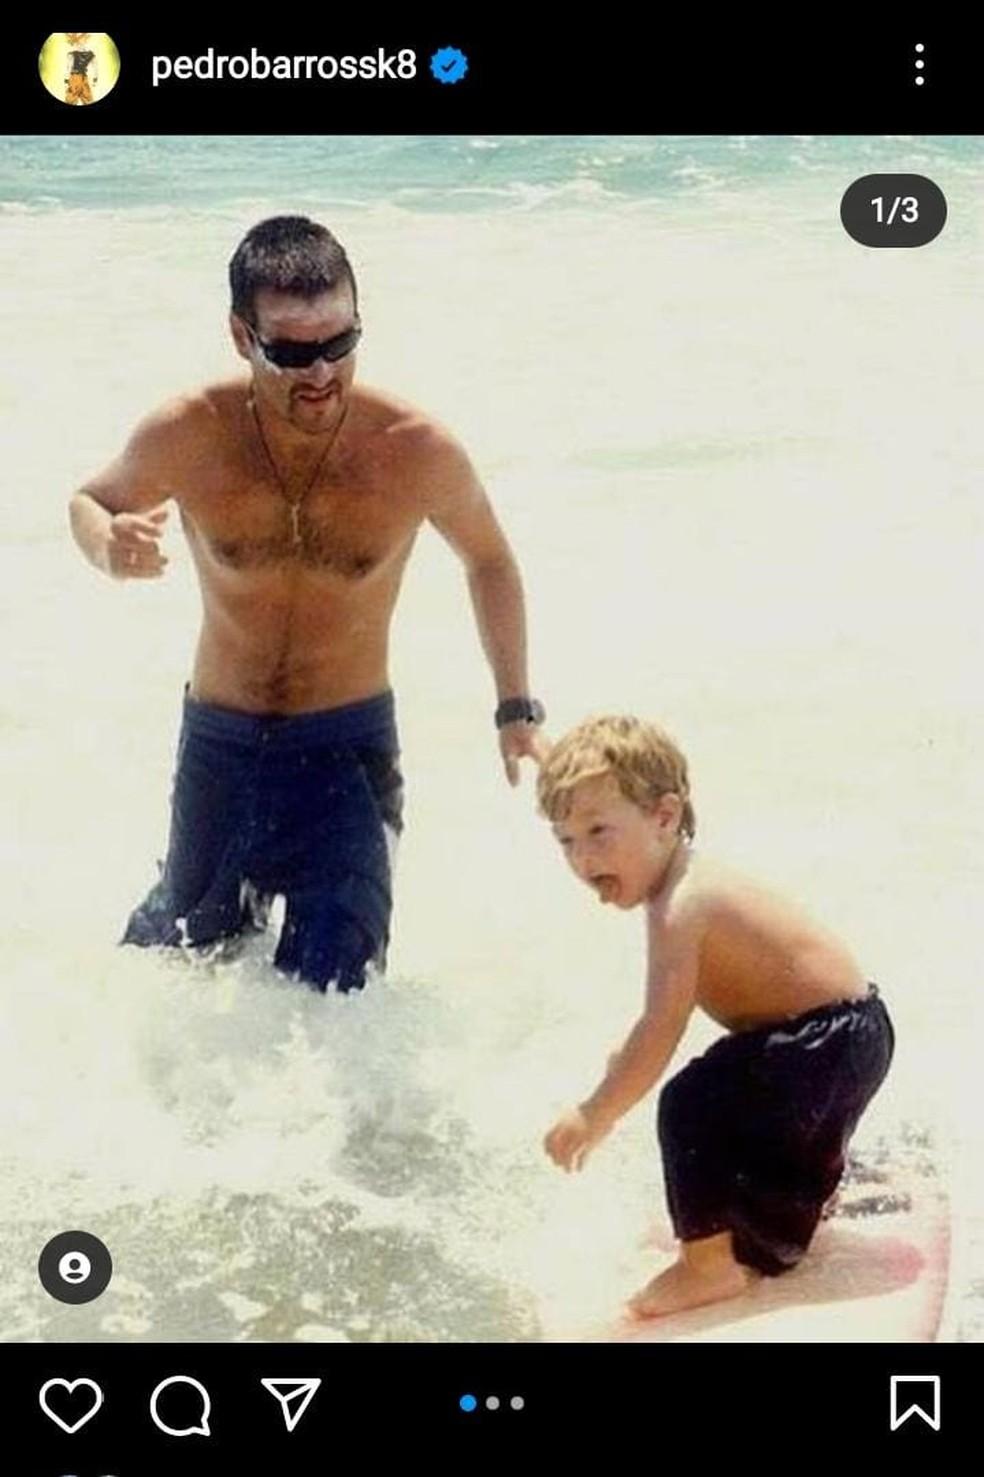 Imagem de rede social com André Barros e o filho surfando  — Foto: Reprodução/Redes Sociais